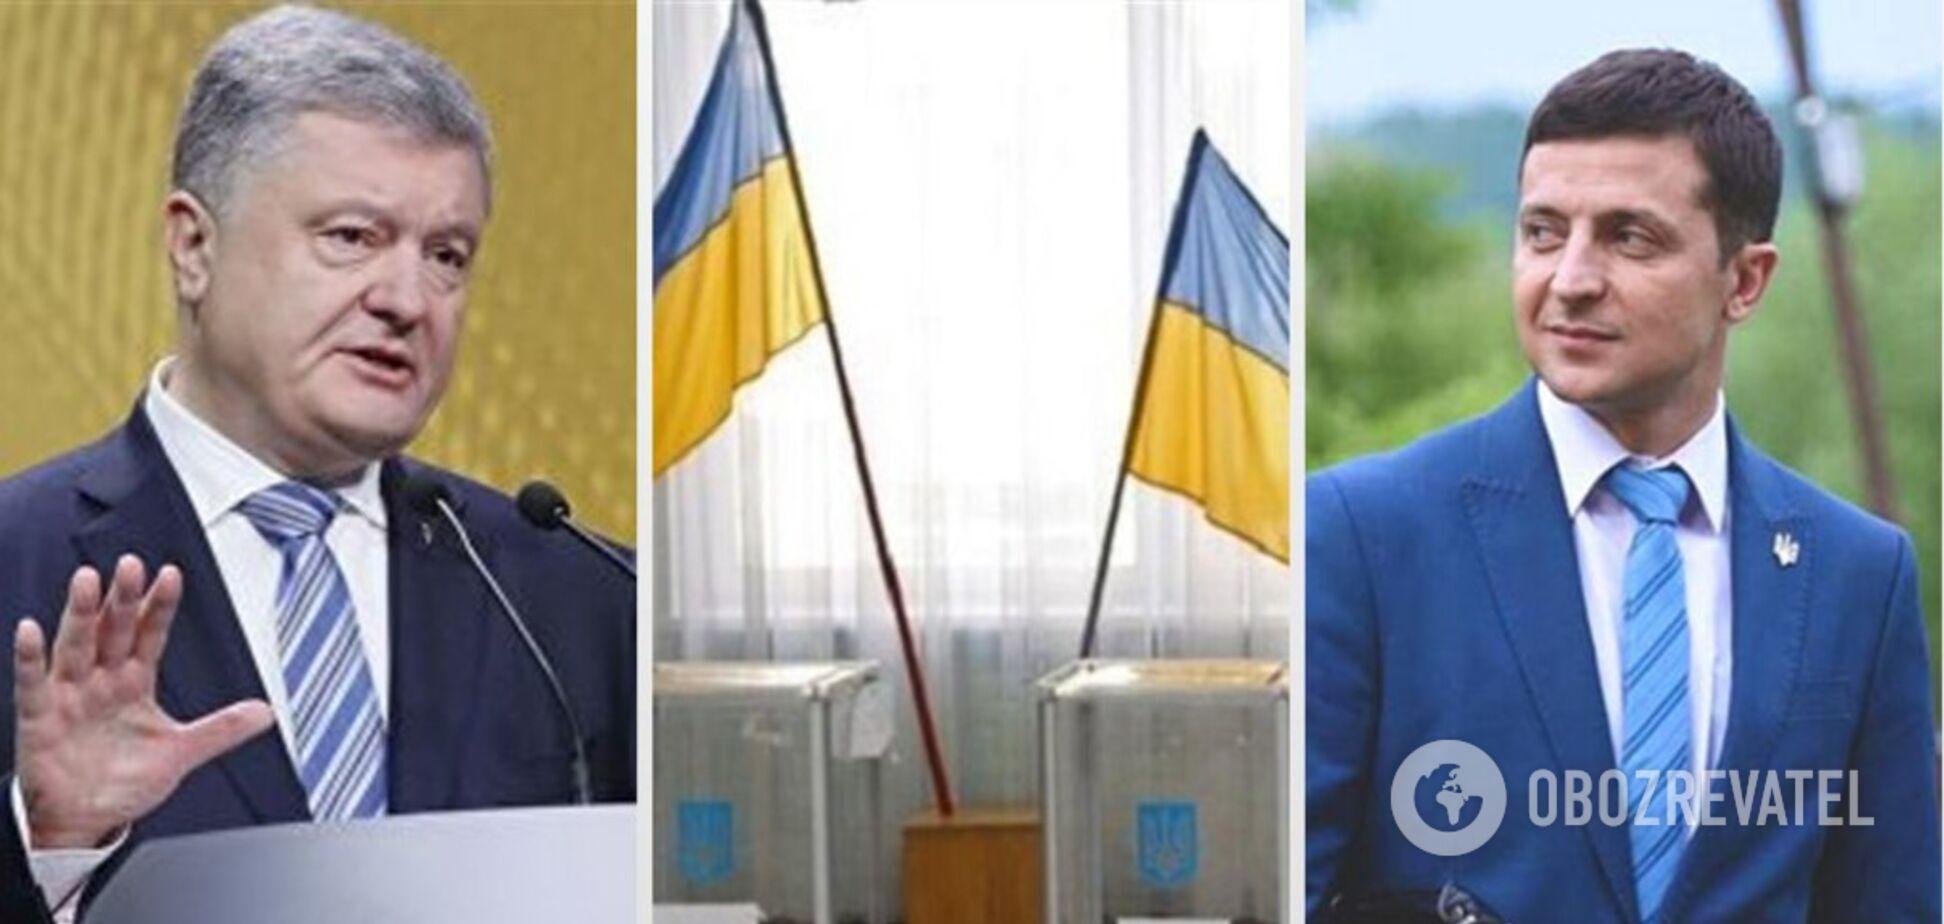 Дебати Зеленського і Порошенка: повне відео